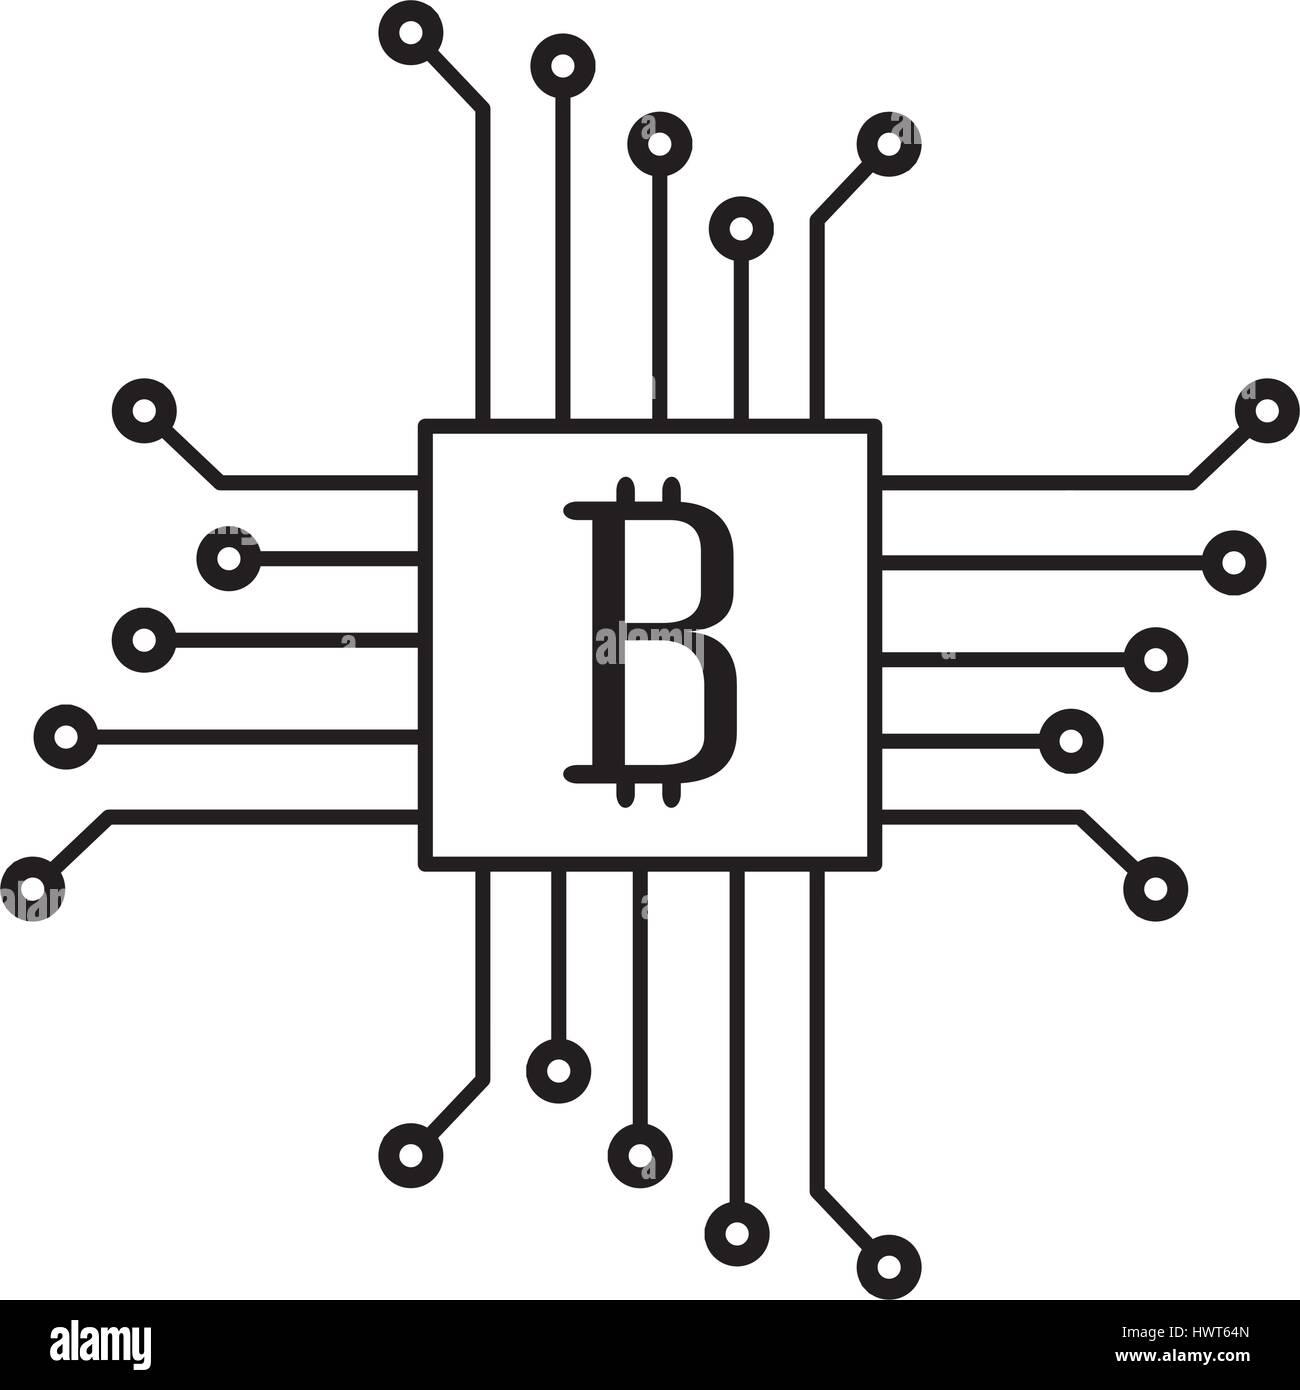 Schaltung mit Bitcoin-Symbol Vektor Abbildung - Bild: 136370661 - Alamy